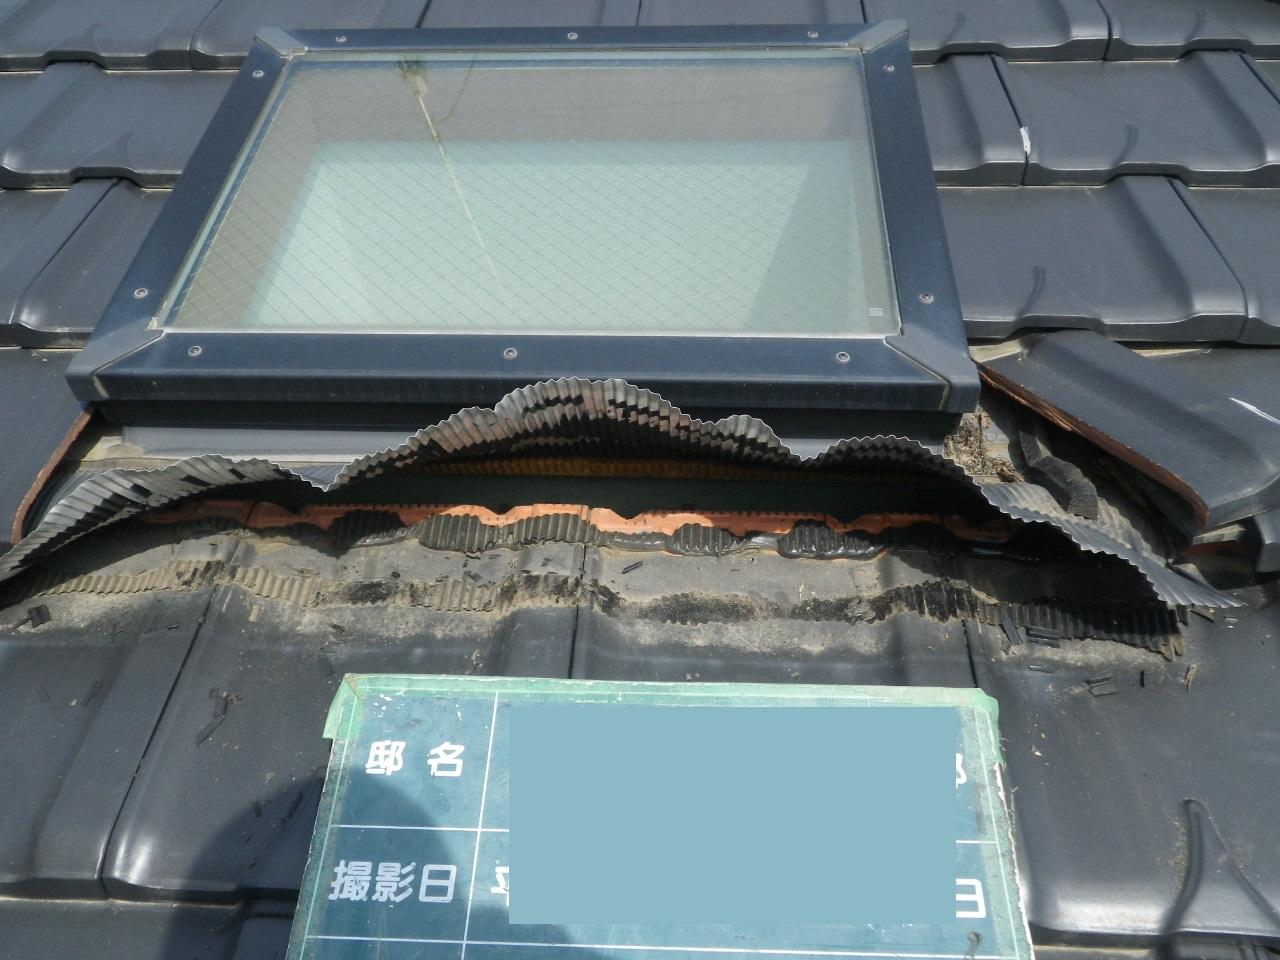 トップライト(天窓)廻りの雨漏れ修理 in那須塩原市